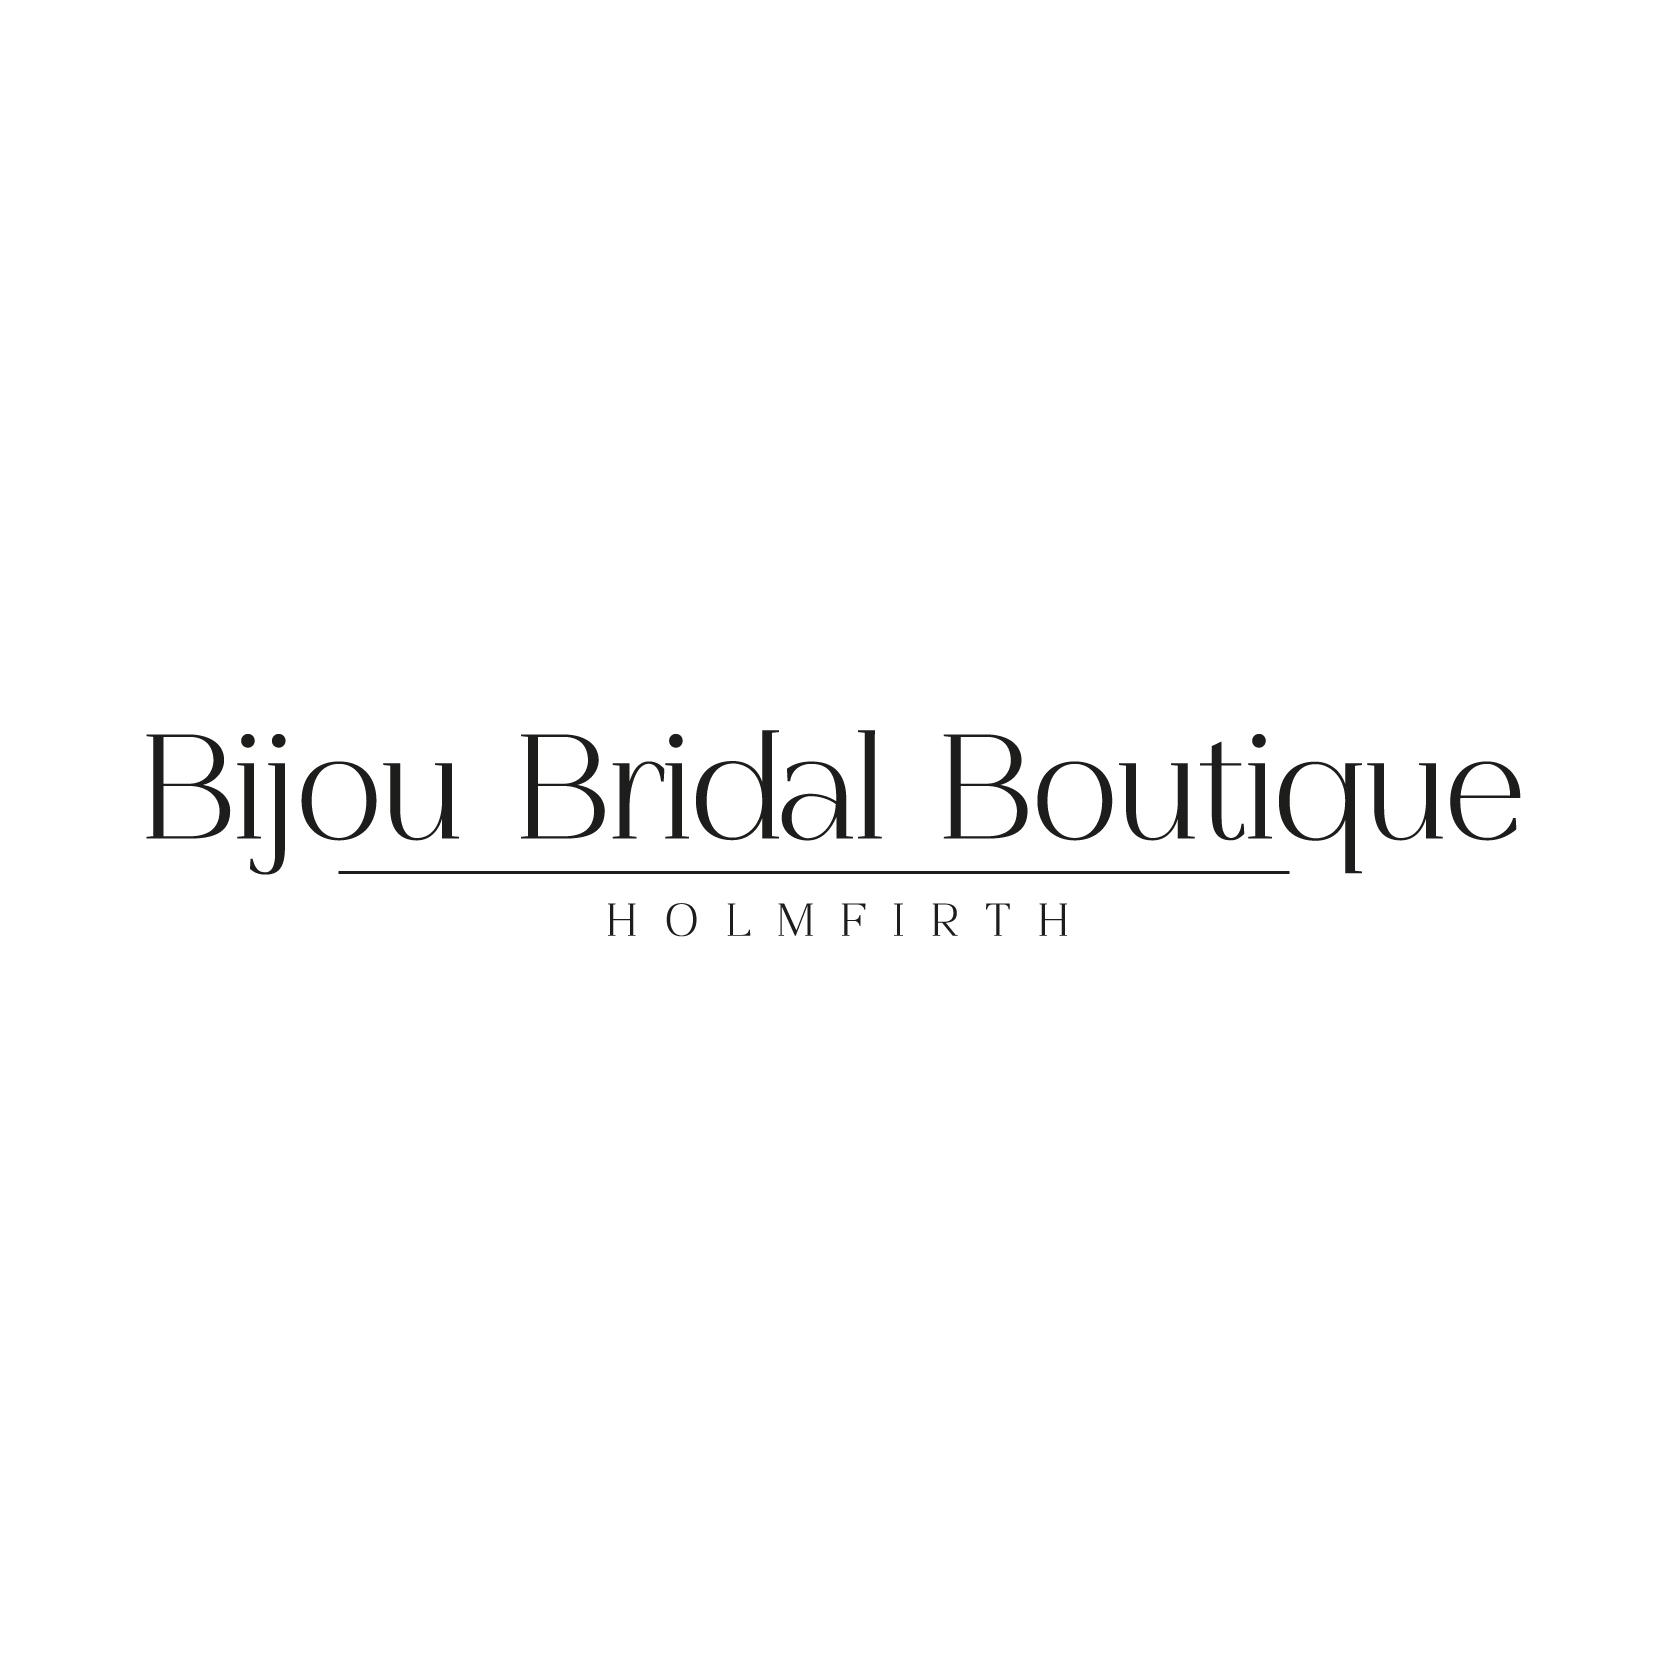 Bijou Bridal Boutique Image